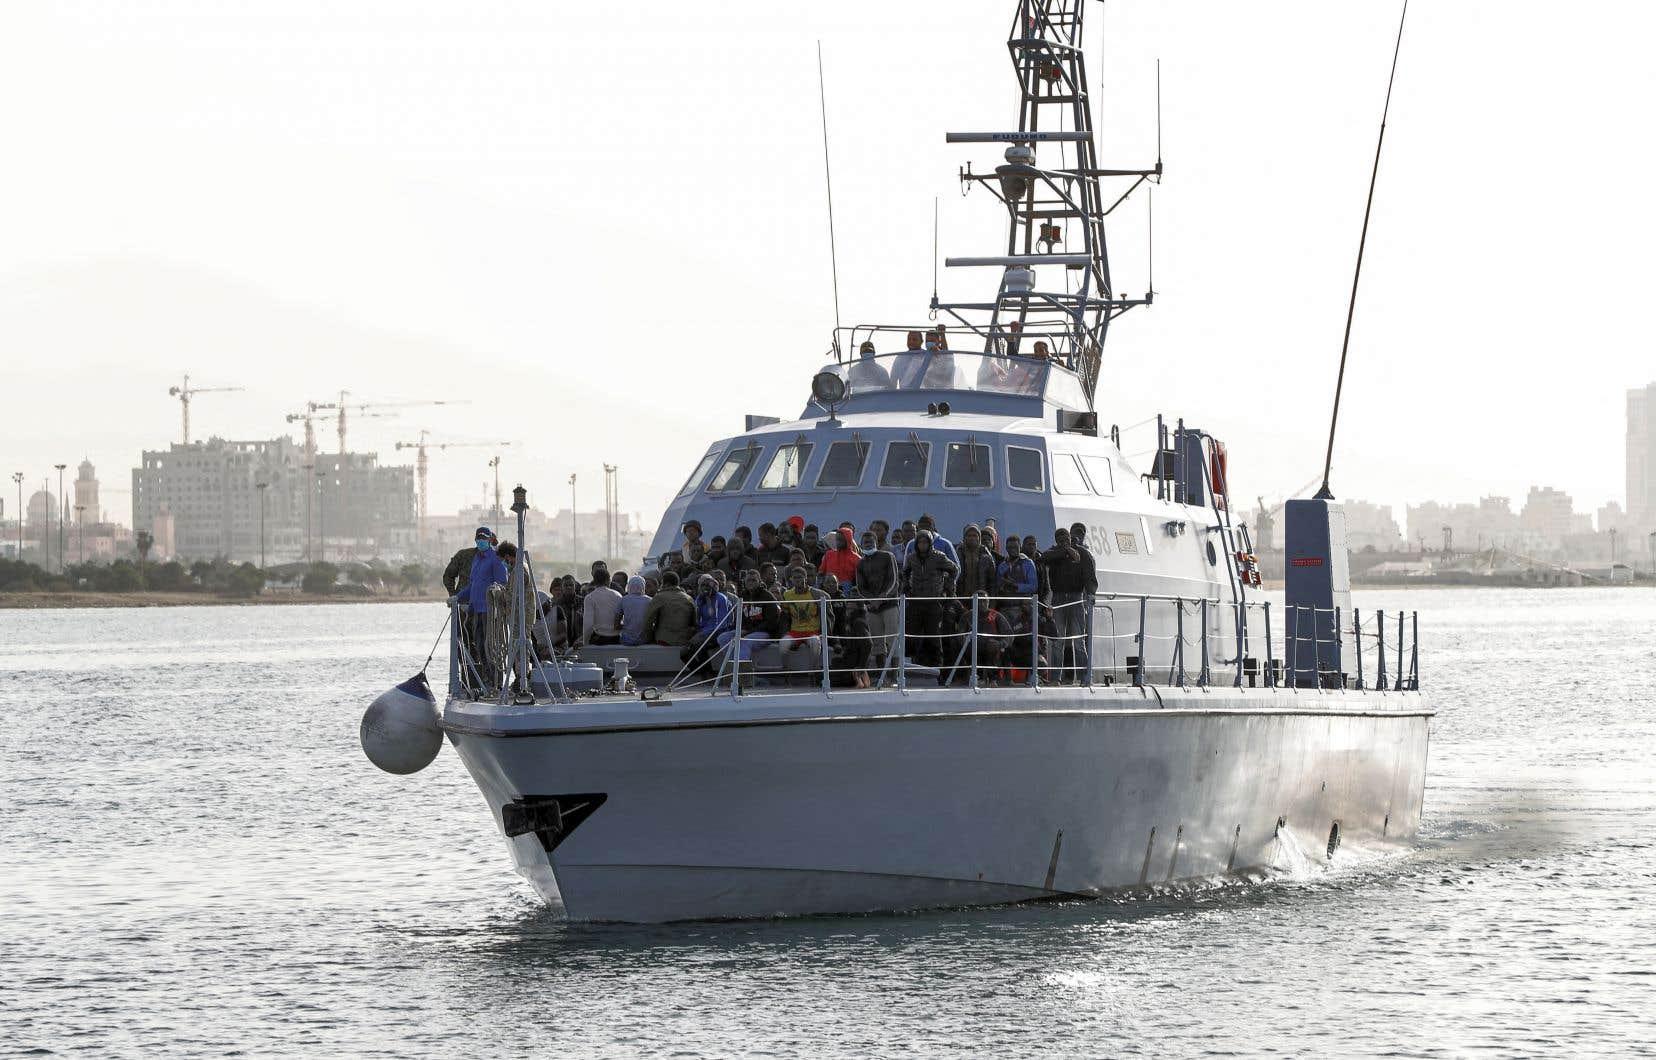 Les garde-côtes libyens ont rapatrié plus de 13000 personnes en Libye au premier semestre 2021, dépassant le chiffre total pour 2020, d'après le Haut-Commissariat des Nations unies pour les réfugiés.